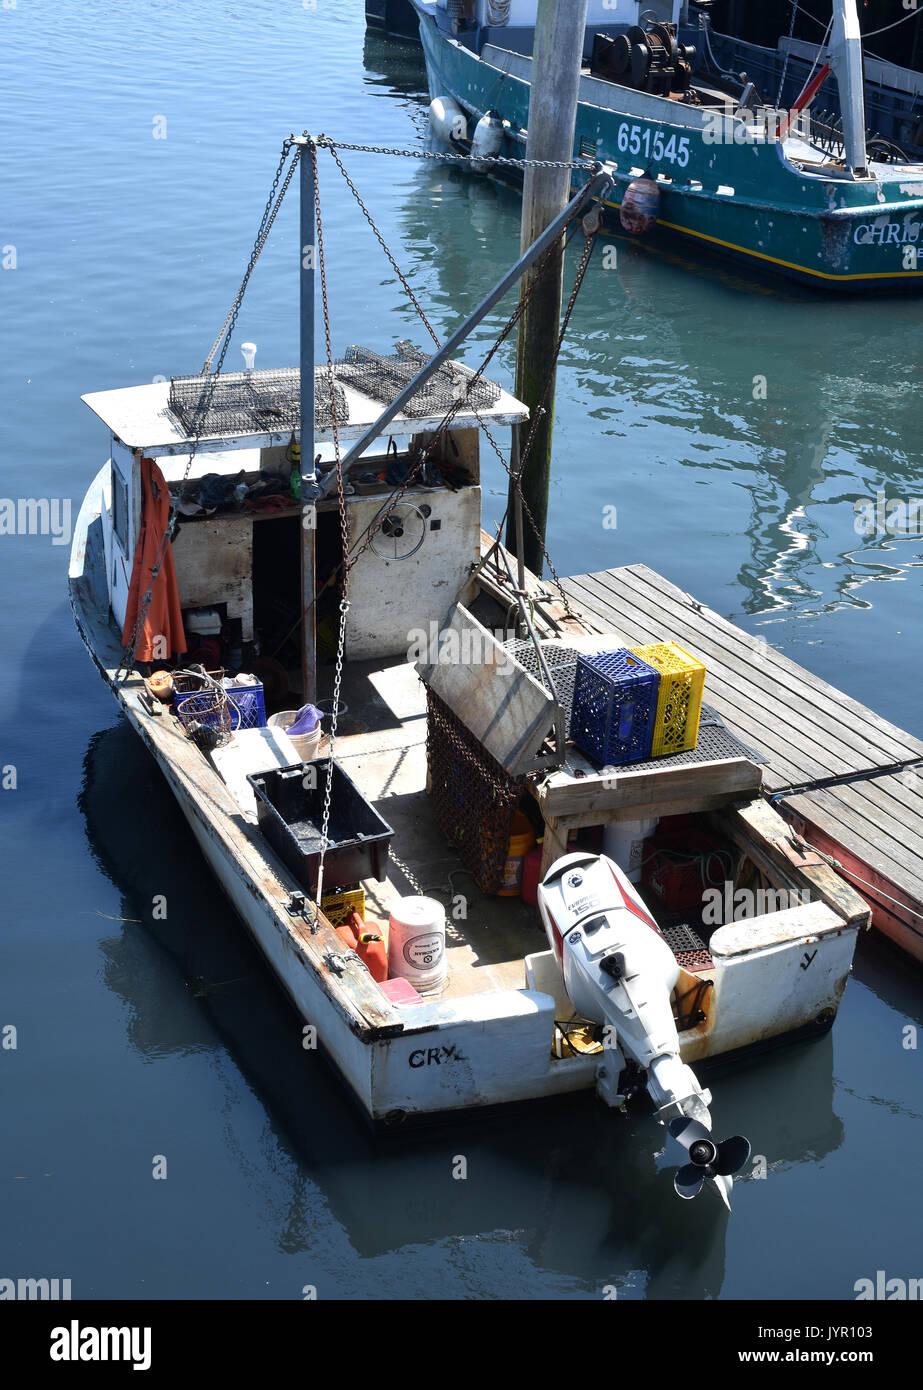 Harbor fishing boat motor stock photos harbor fishing for Fishing boat motor